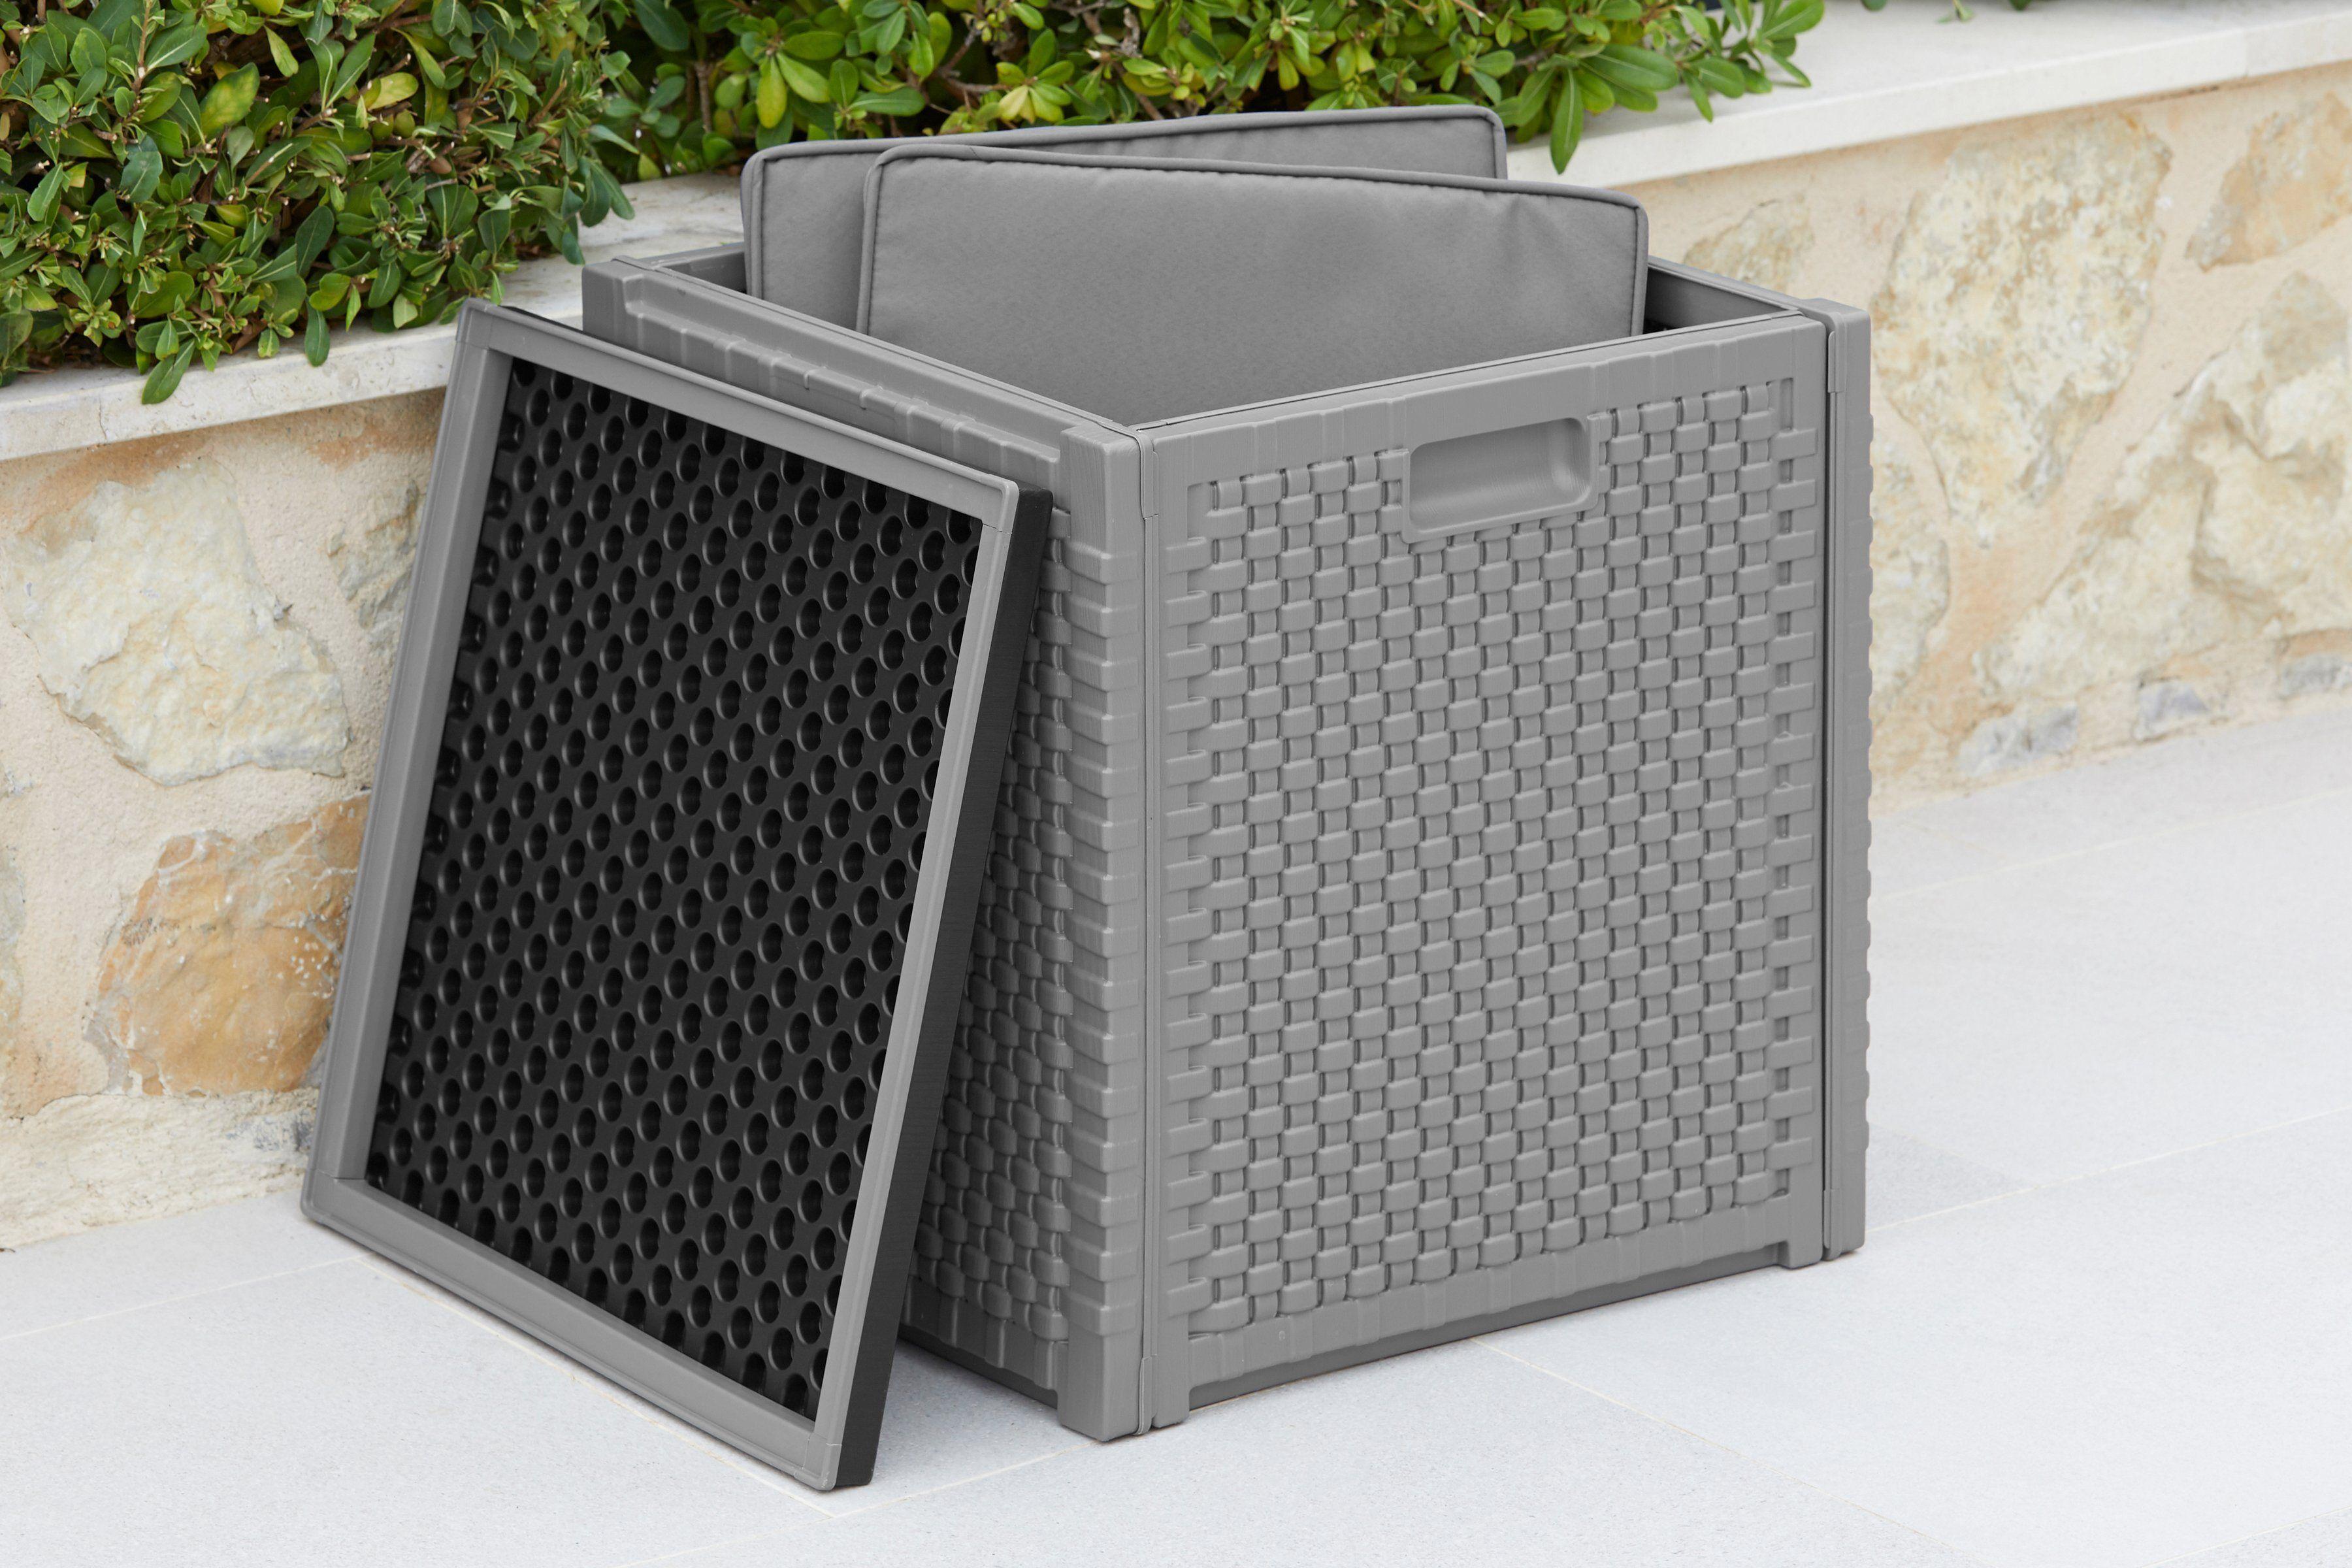 garten gut Kissenbox Maße (B/T/H): ca. 47x47x52 cm, Volumen ca. 160 Liter, grau